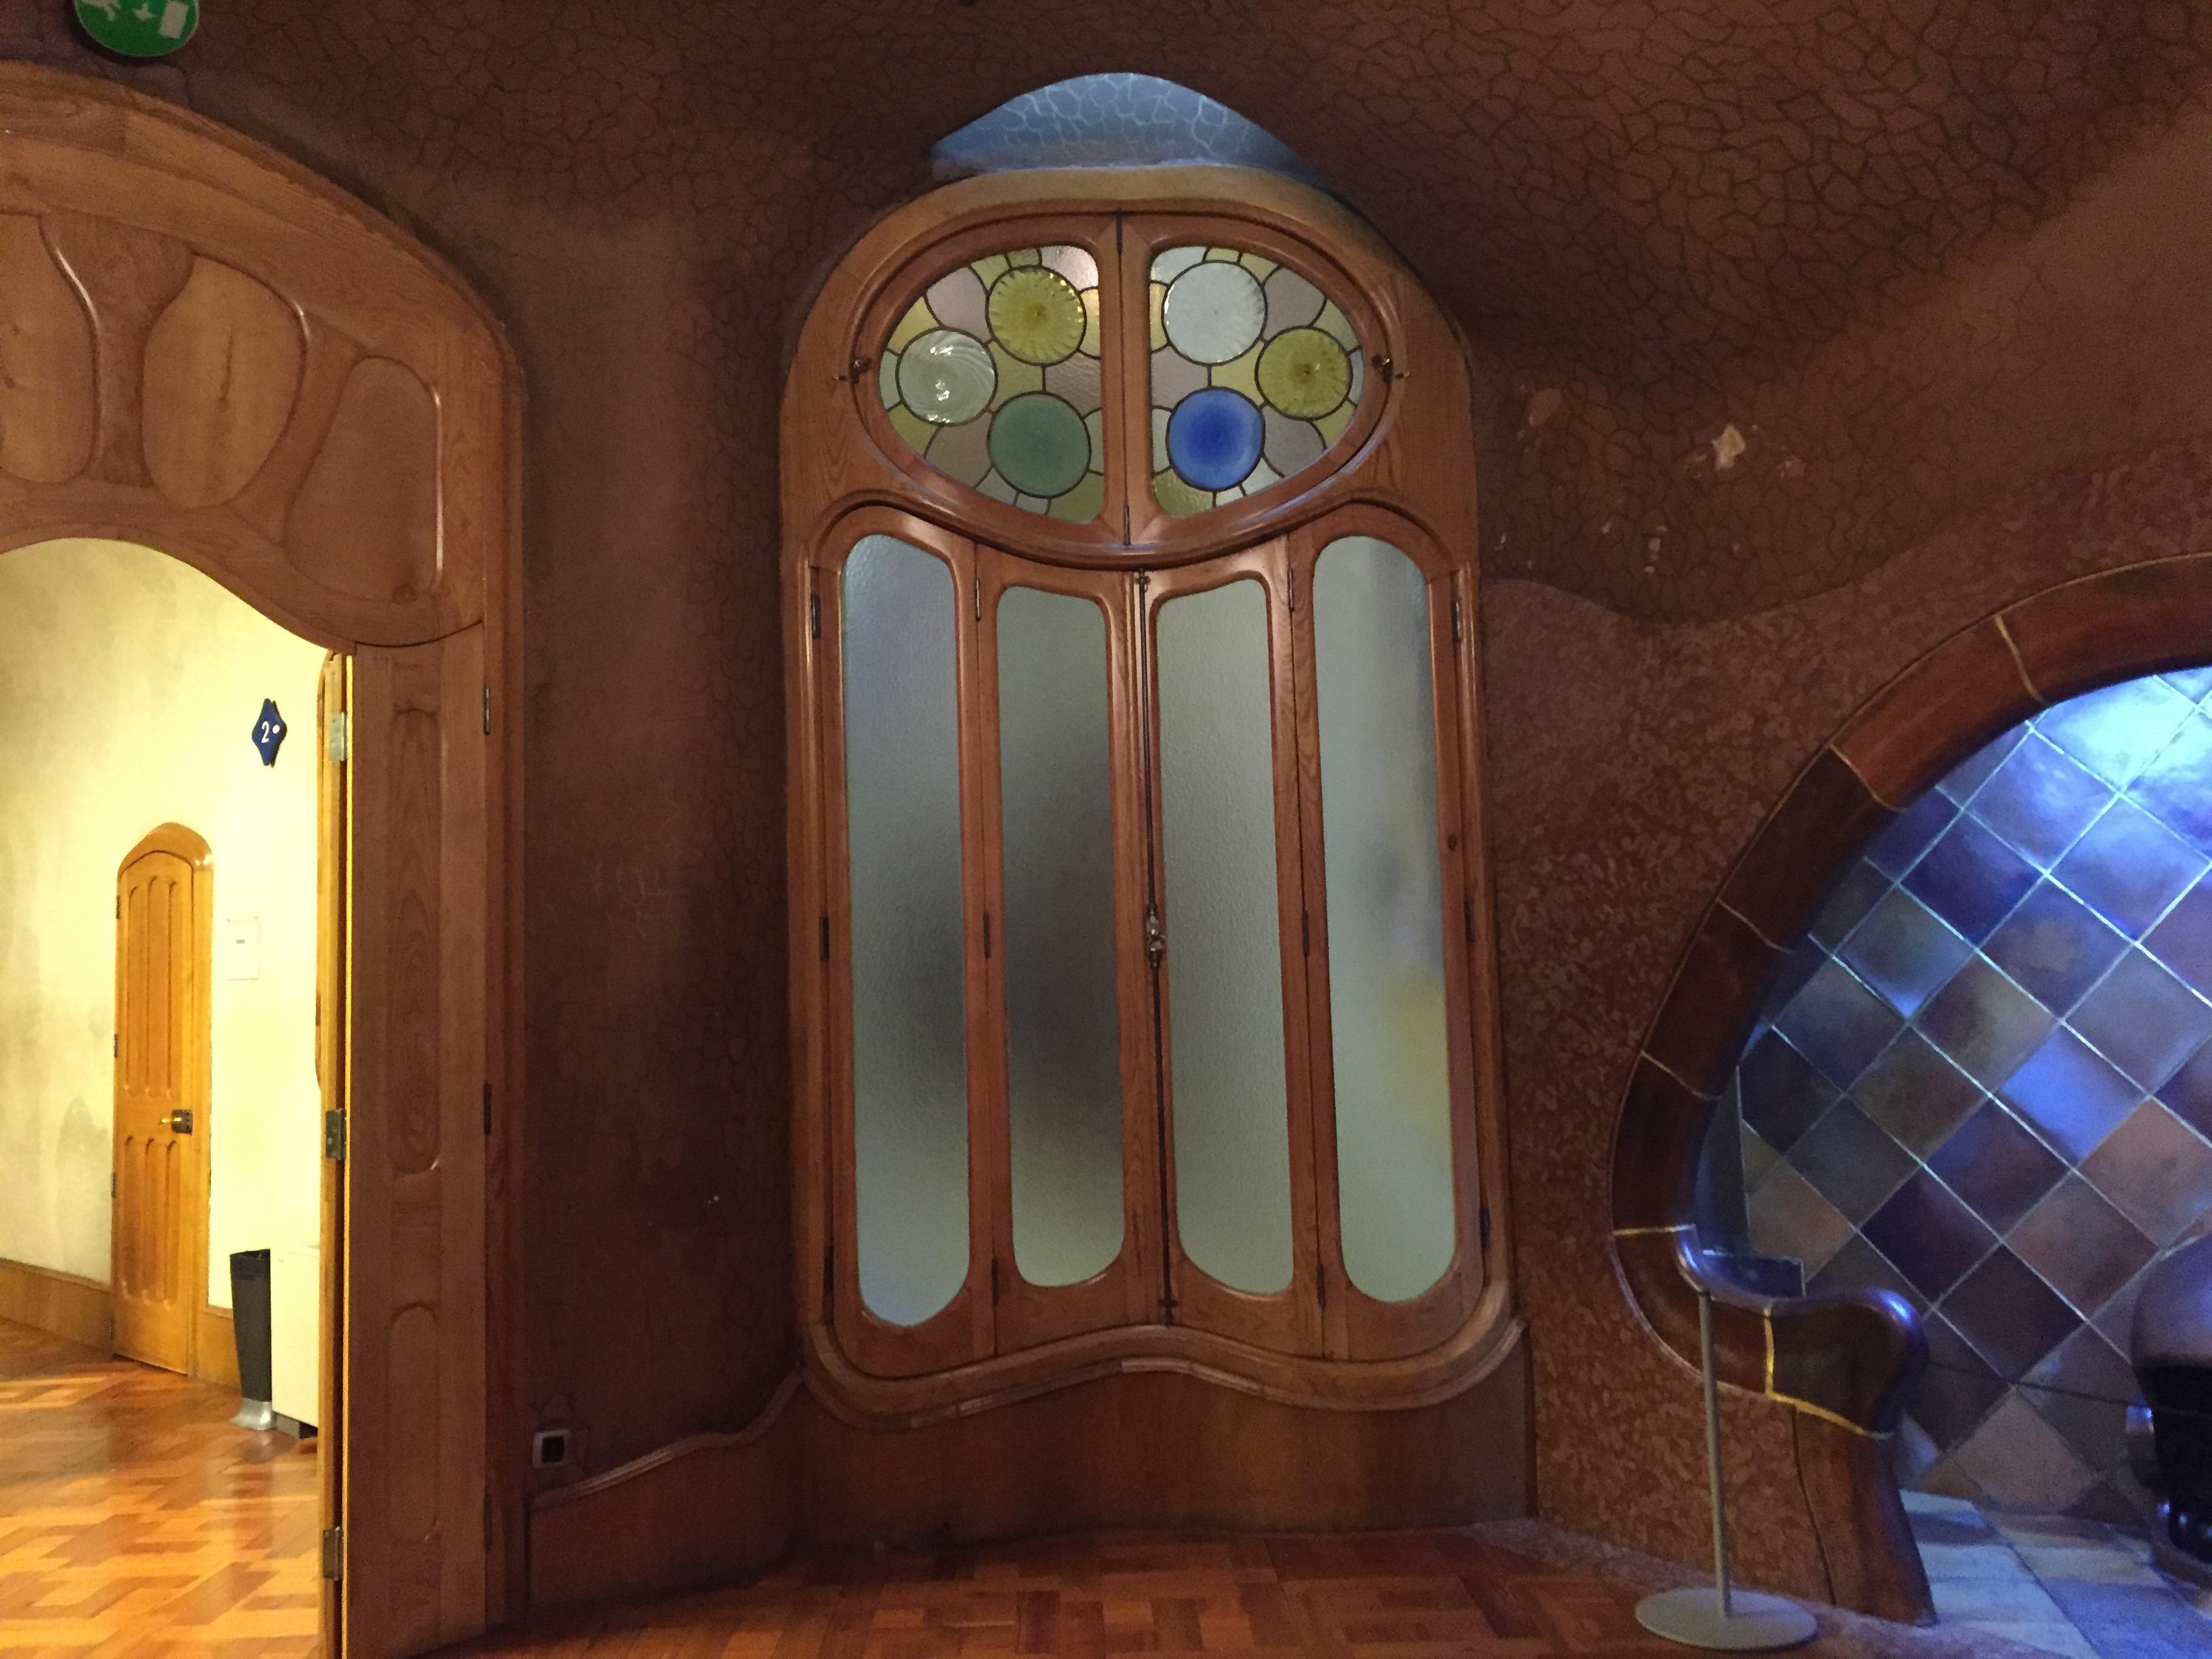 IMG 0827 - Visita a la Casa Batlló en Barcelona Parte I/II